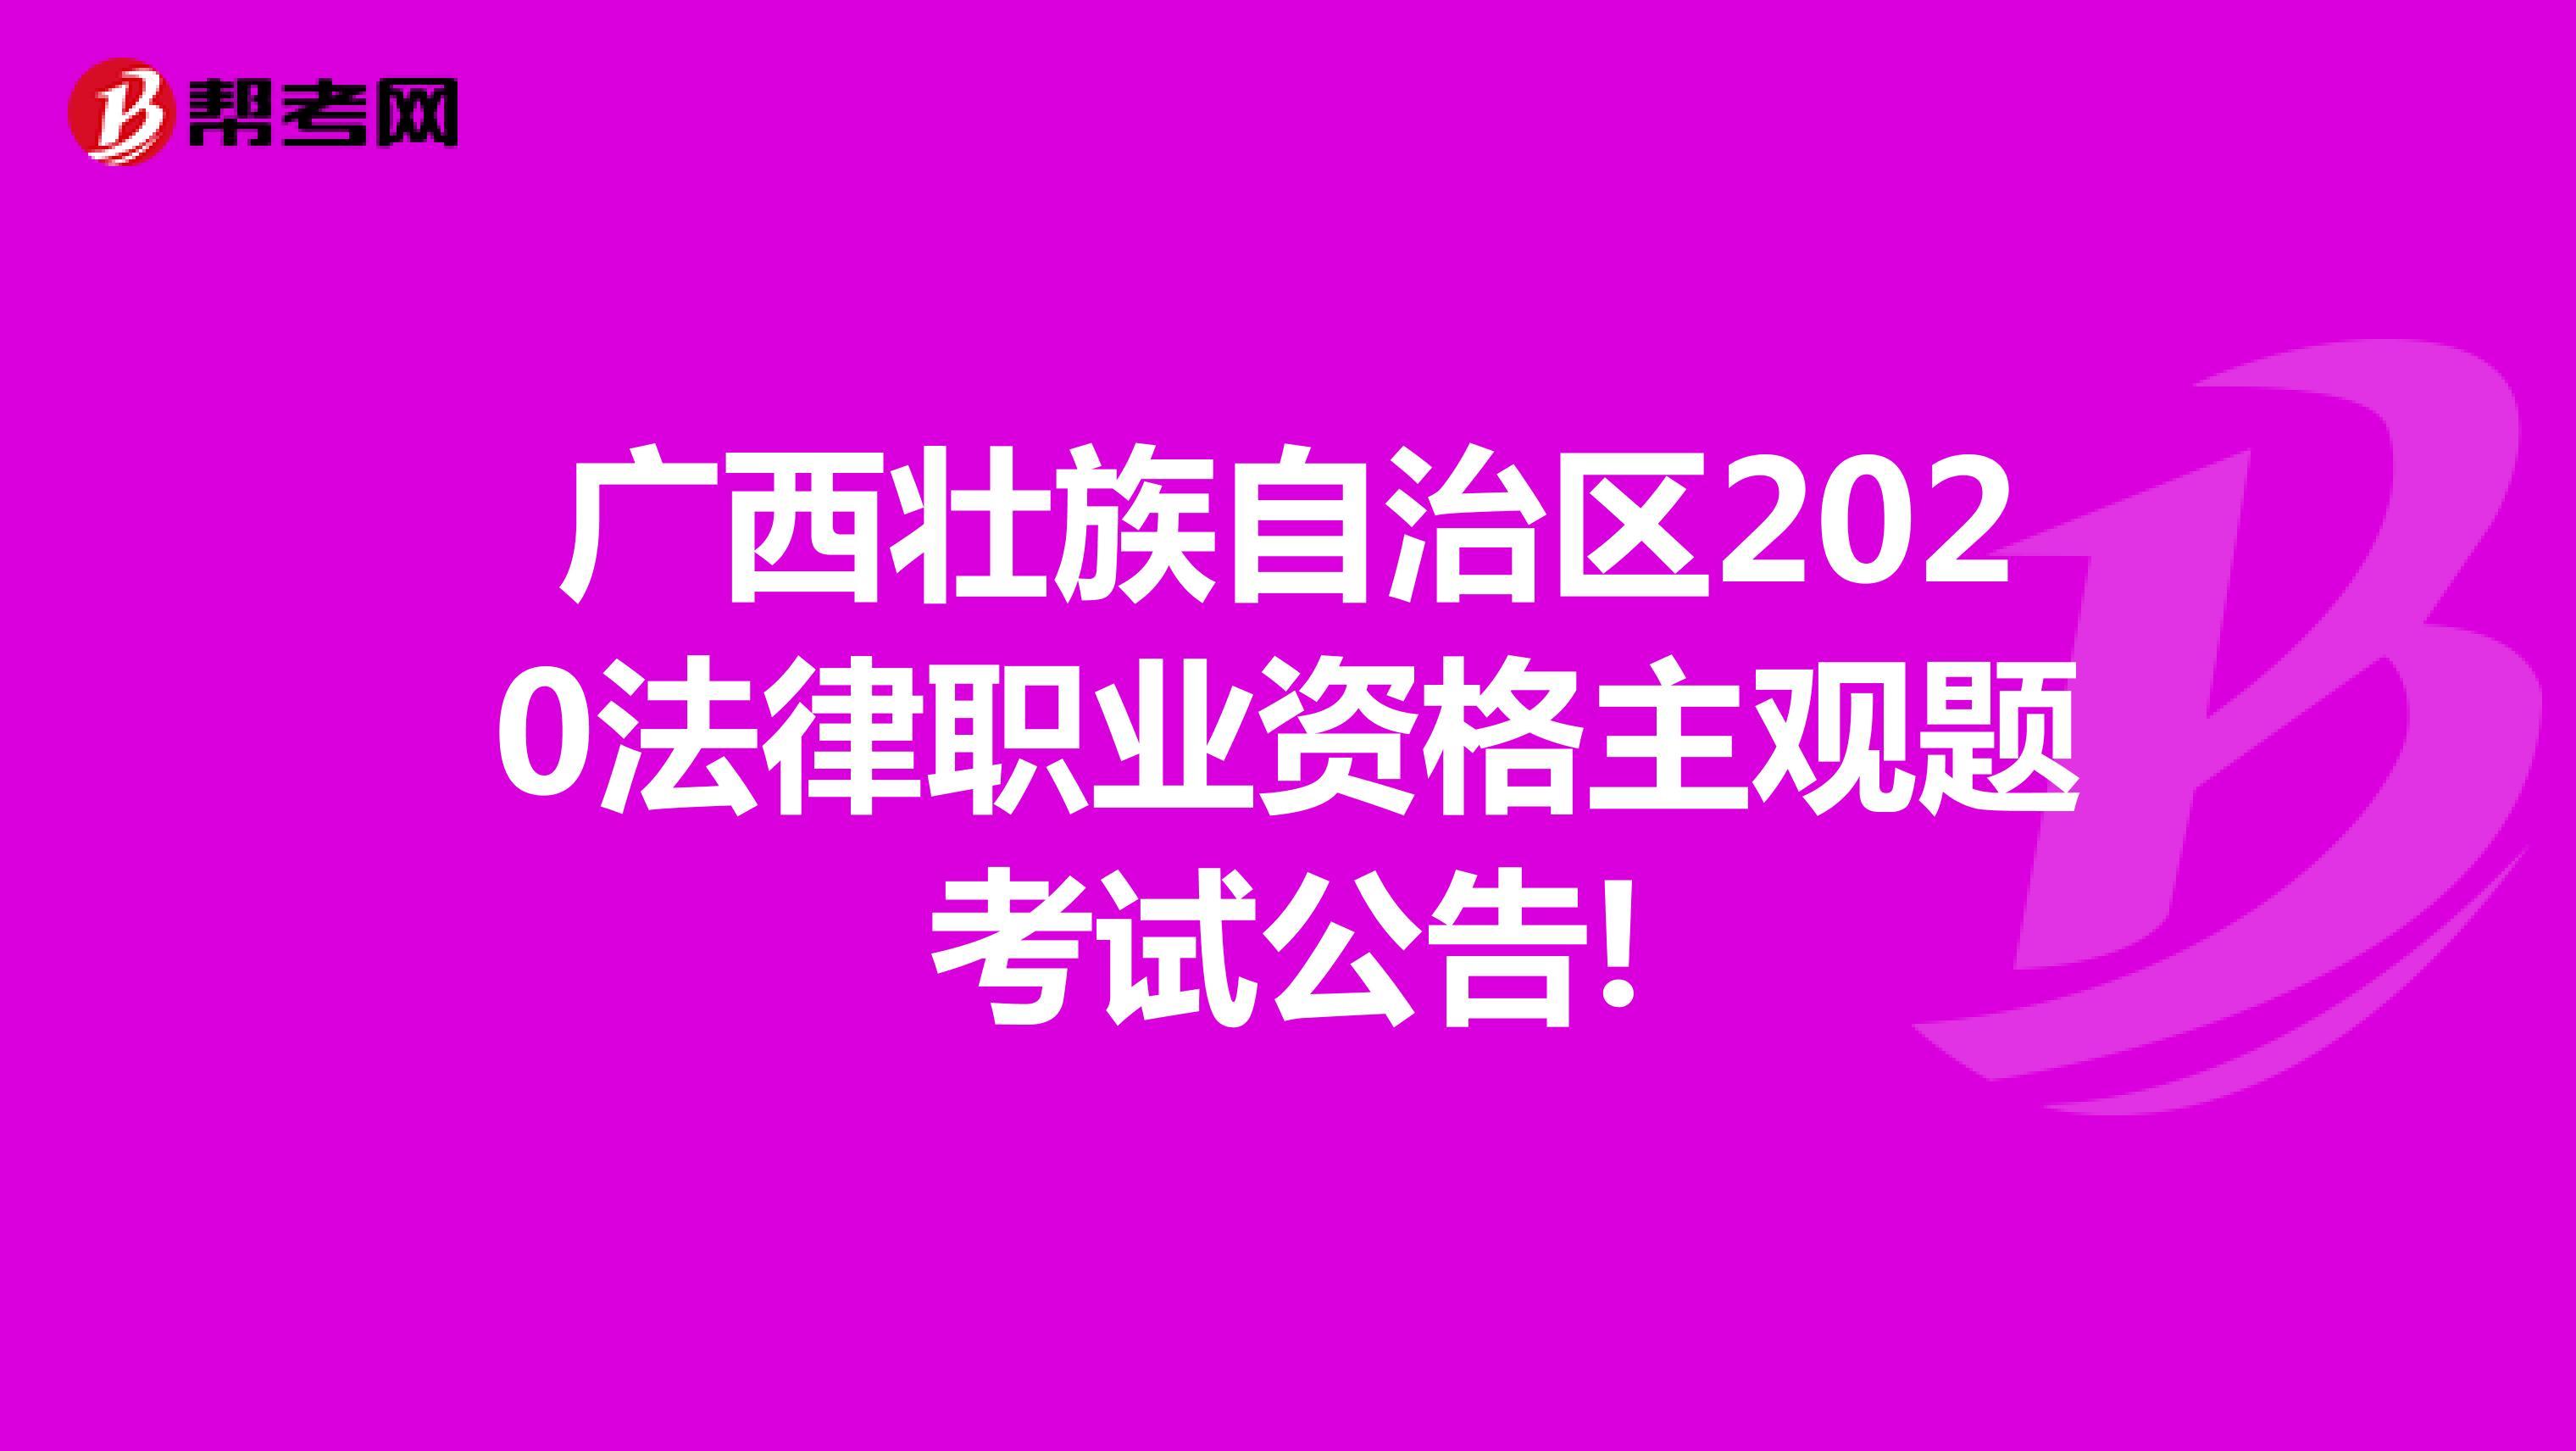 廣西壯族自治區2020法律職業資格主觀題考試公告!